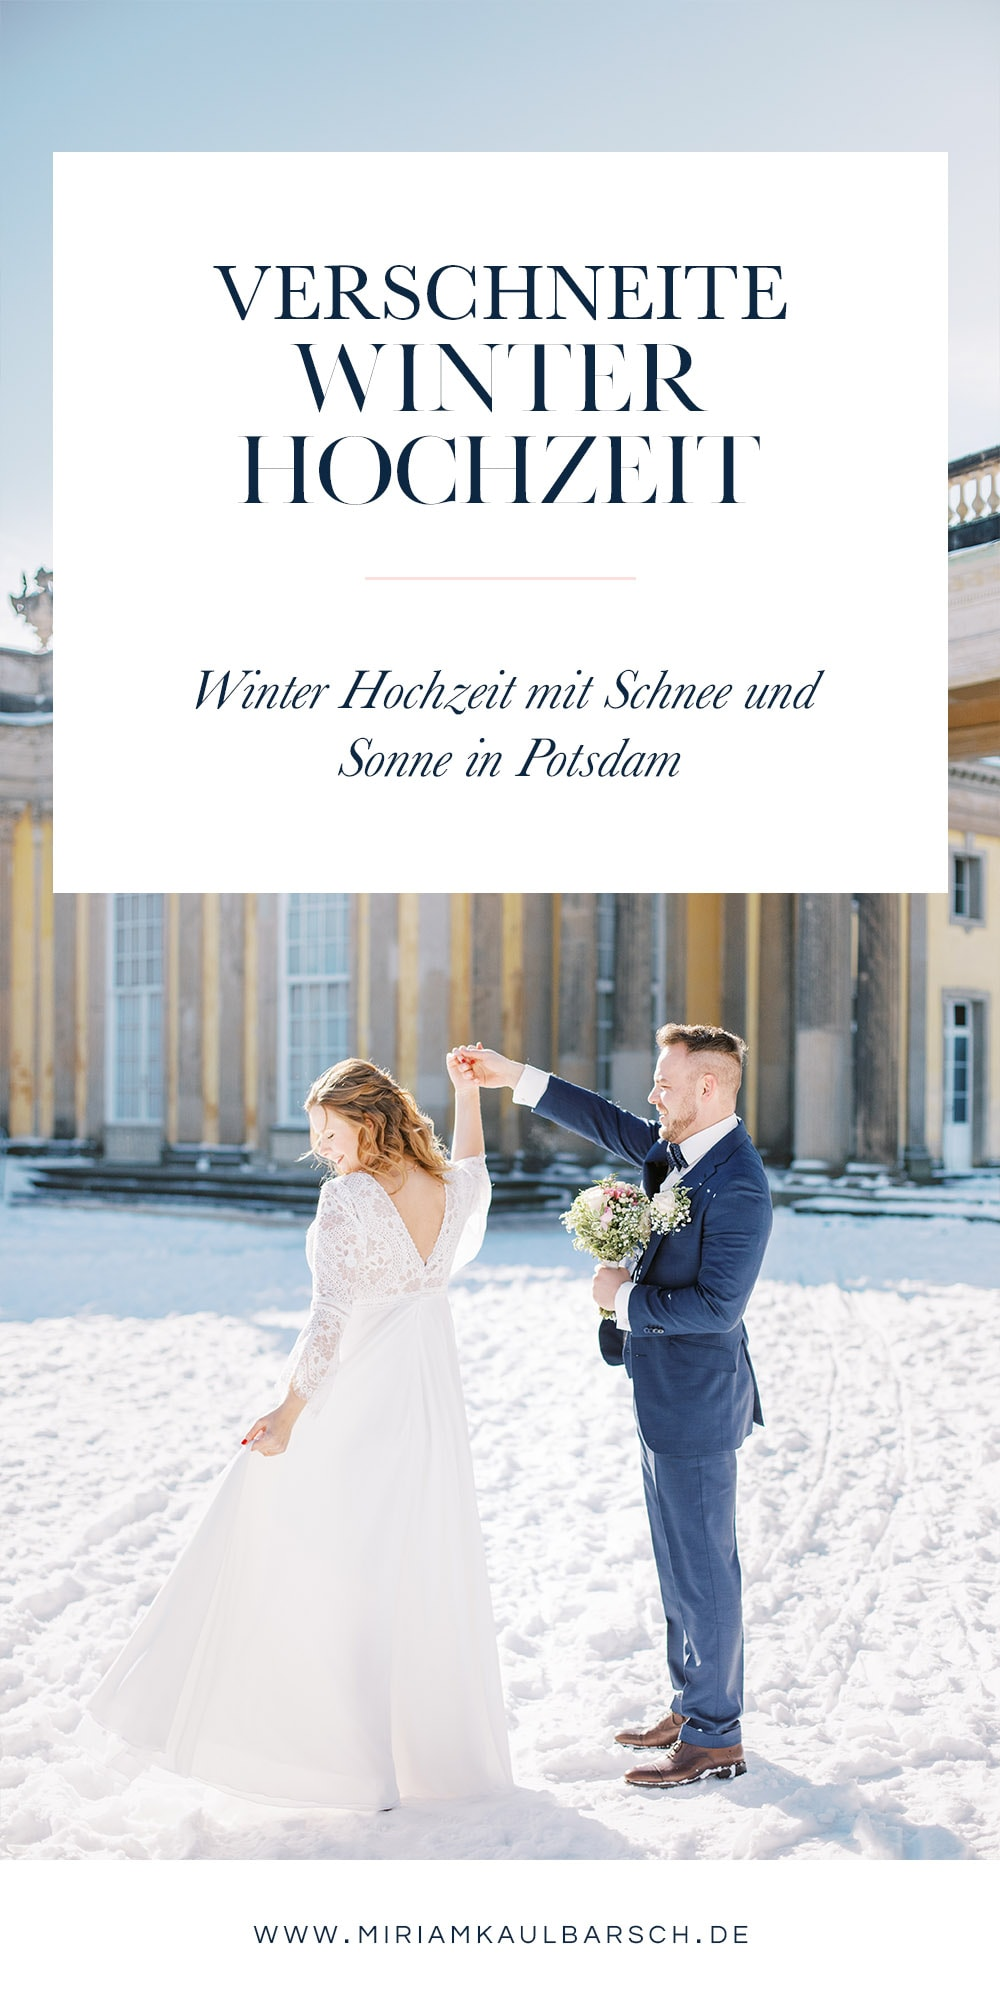 Verschneite Winter Hochzeit in Potsdam